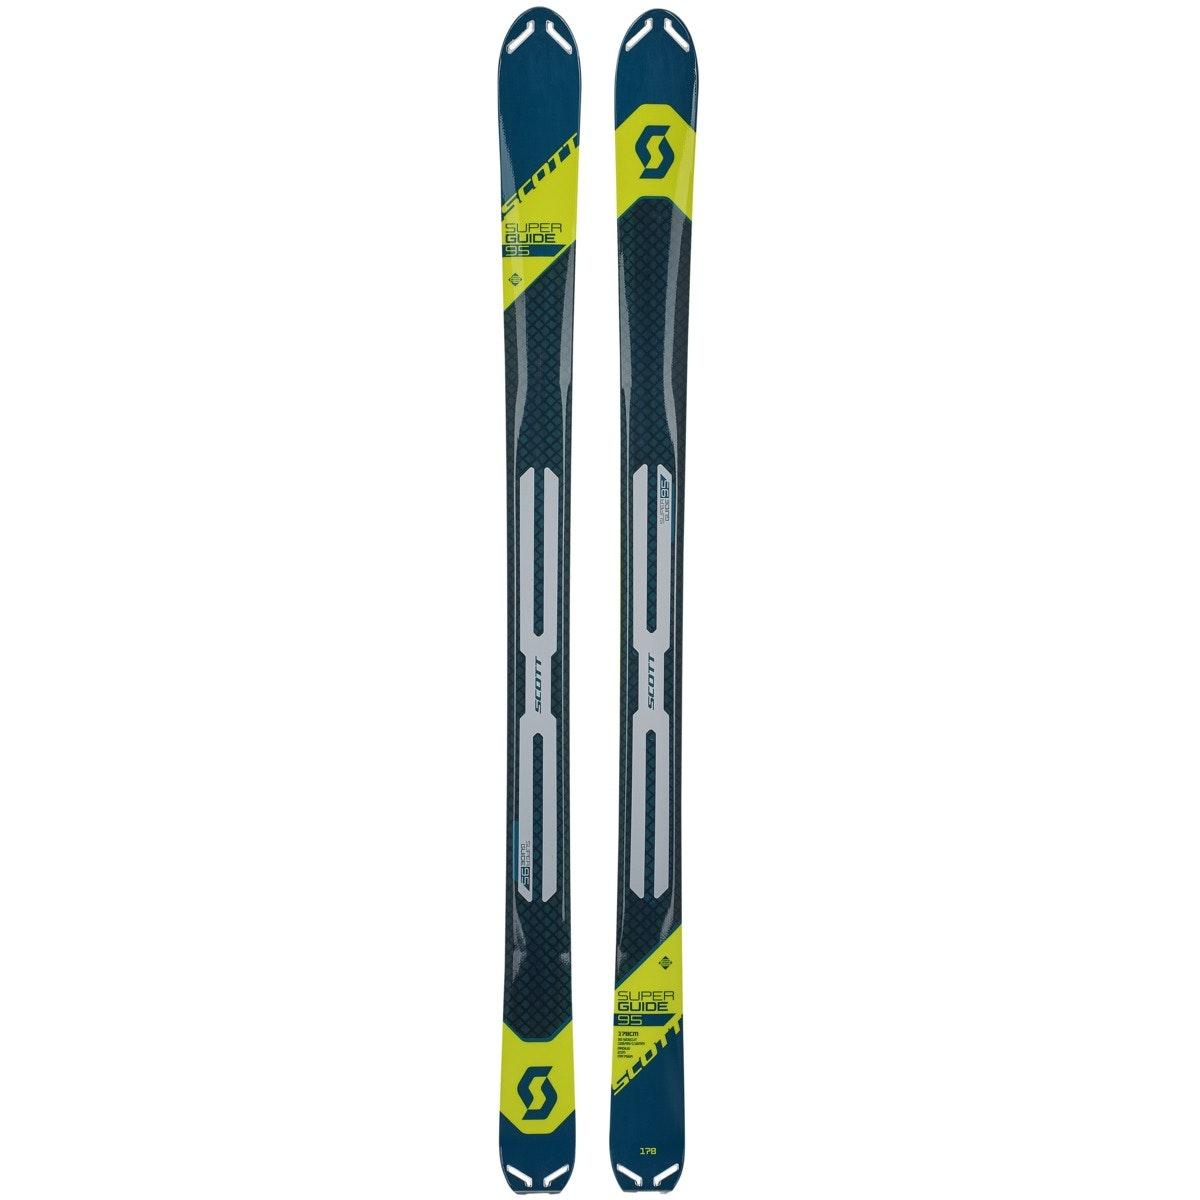 SCOTT Ski Superguide 95